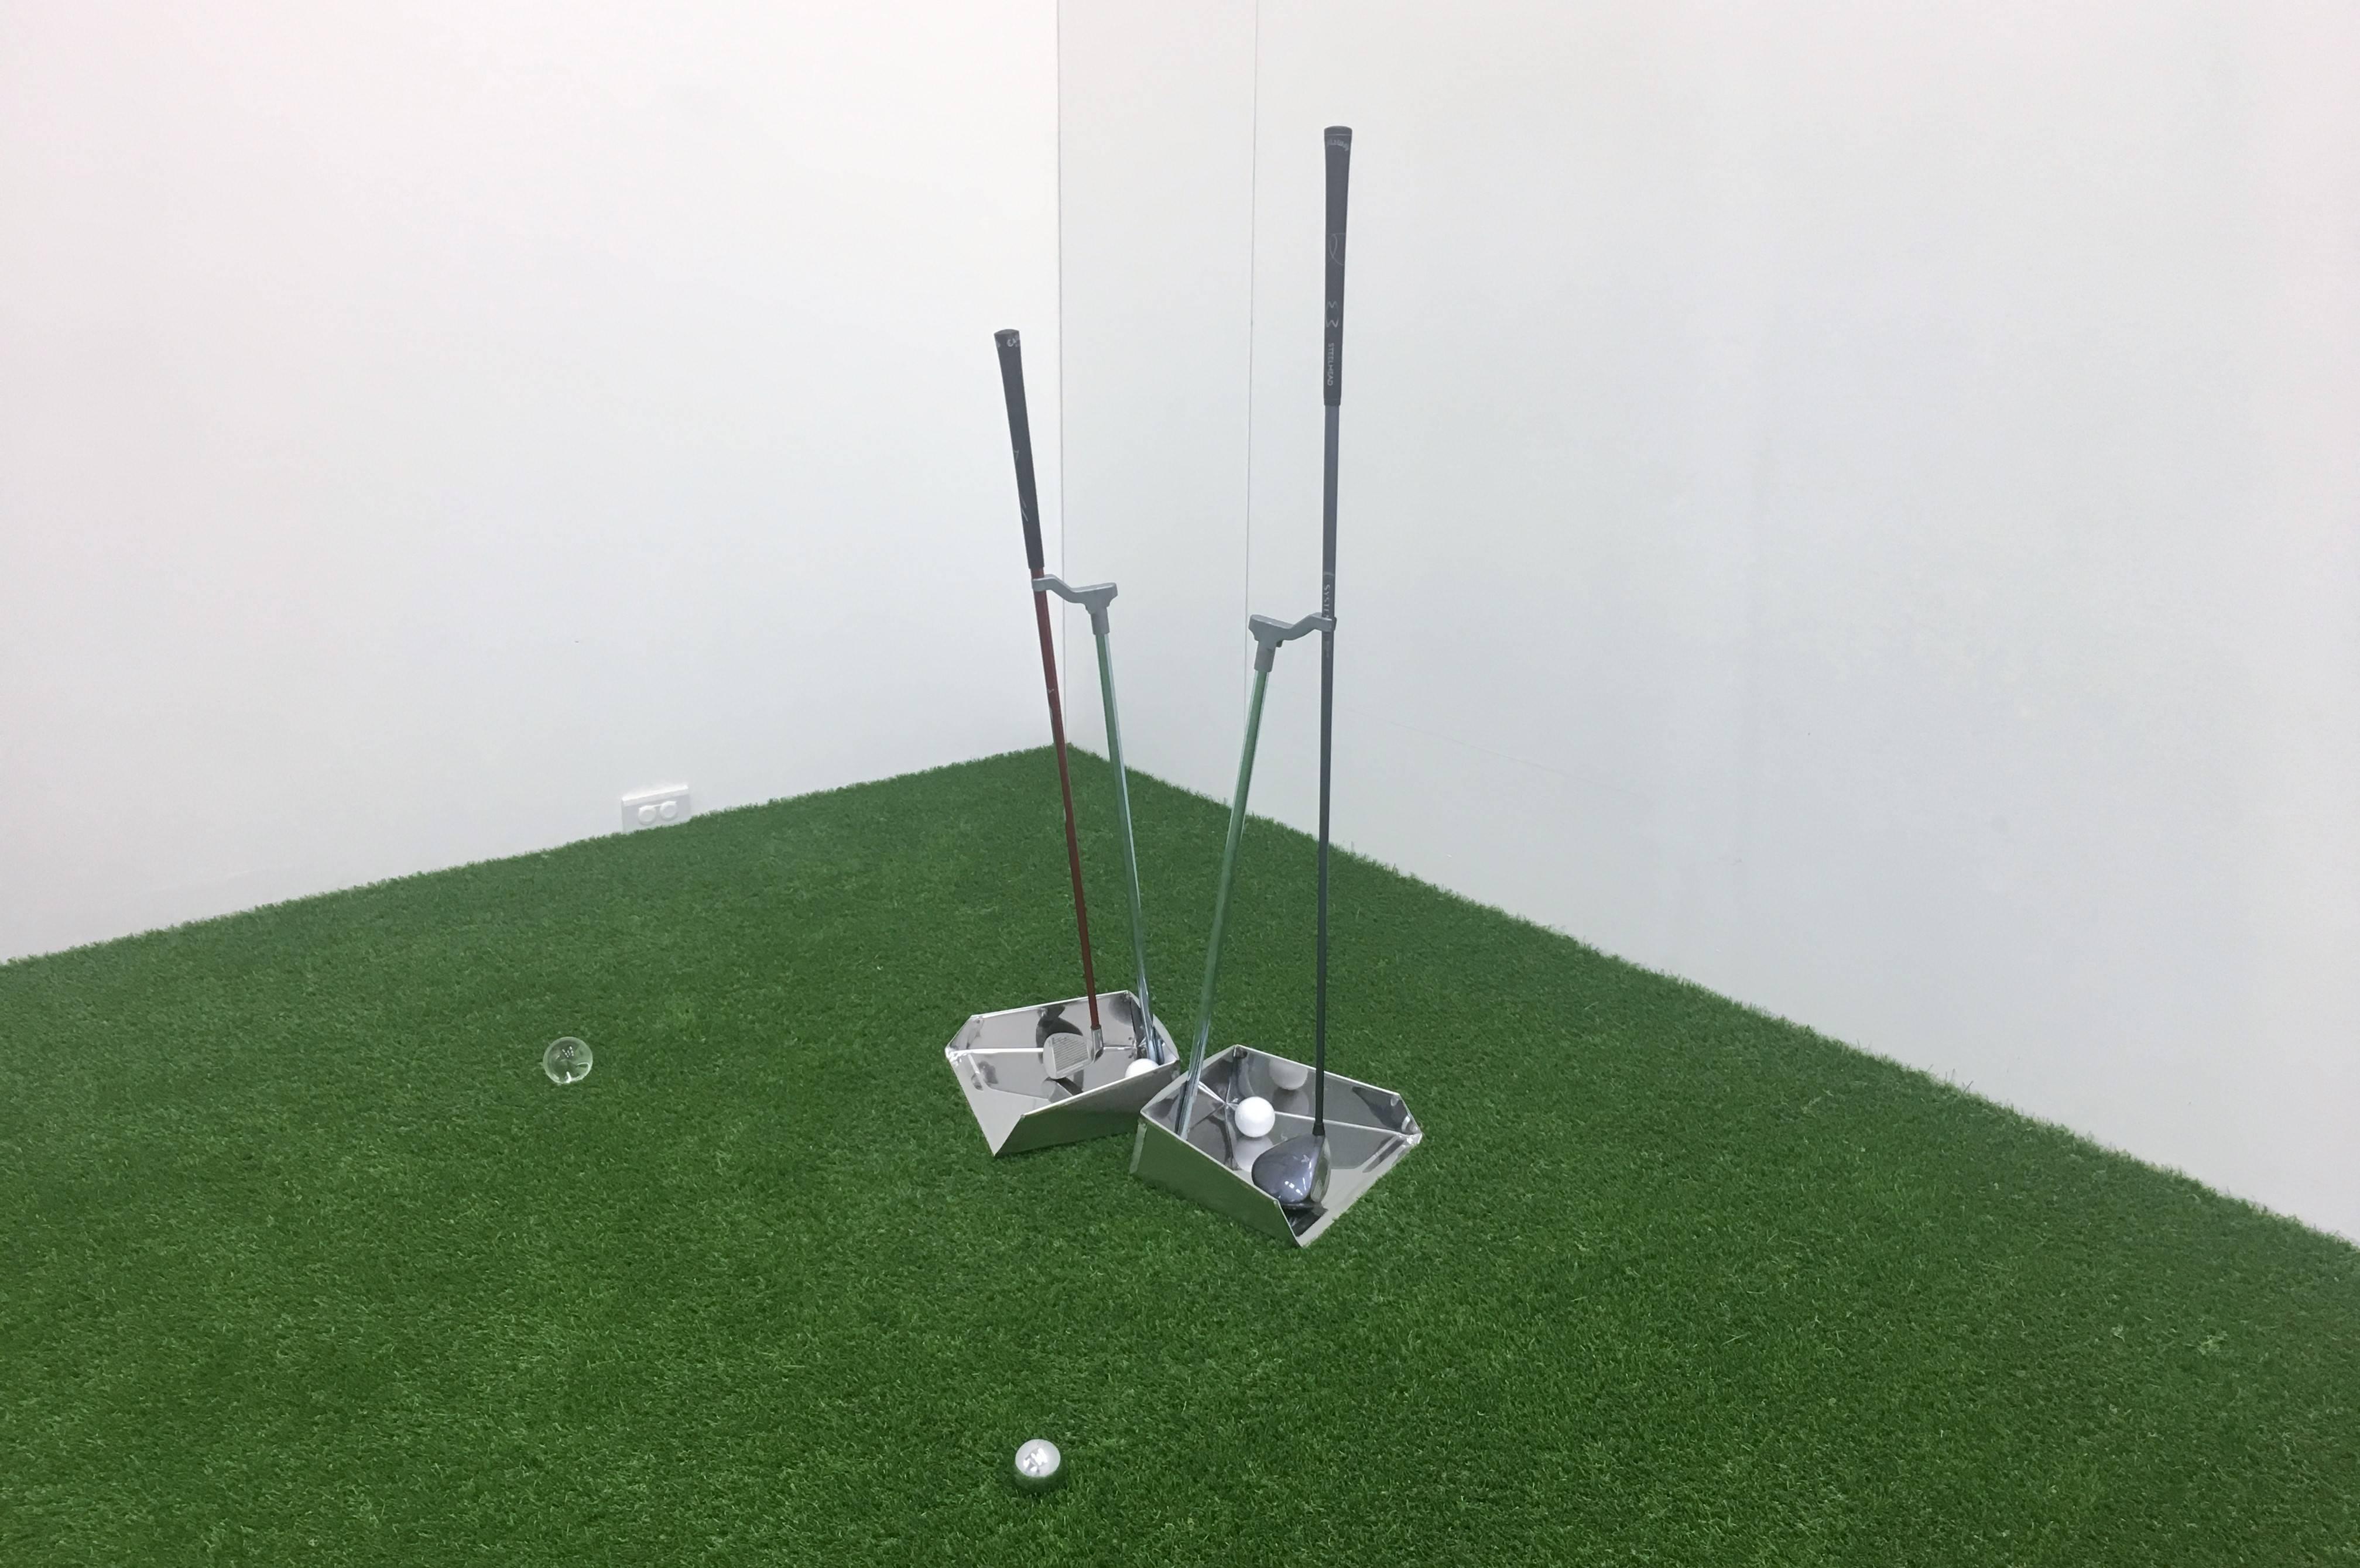 【在放鬆的多數的陽光下】李明學個展 李明學,《練習曲》,畚箕、高爾夫球杆、球體、人工草皮,948x699x469 cm,2019。